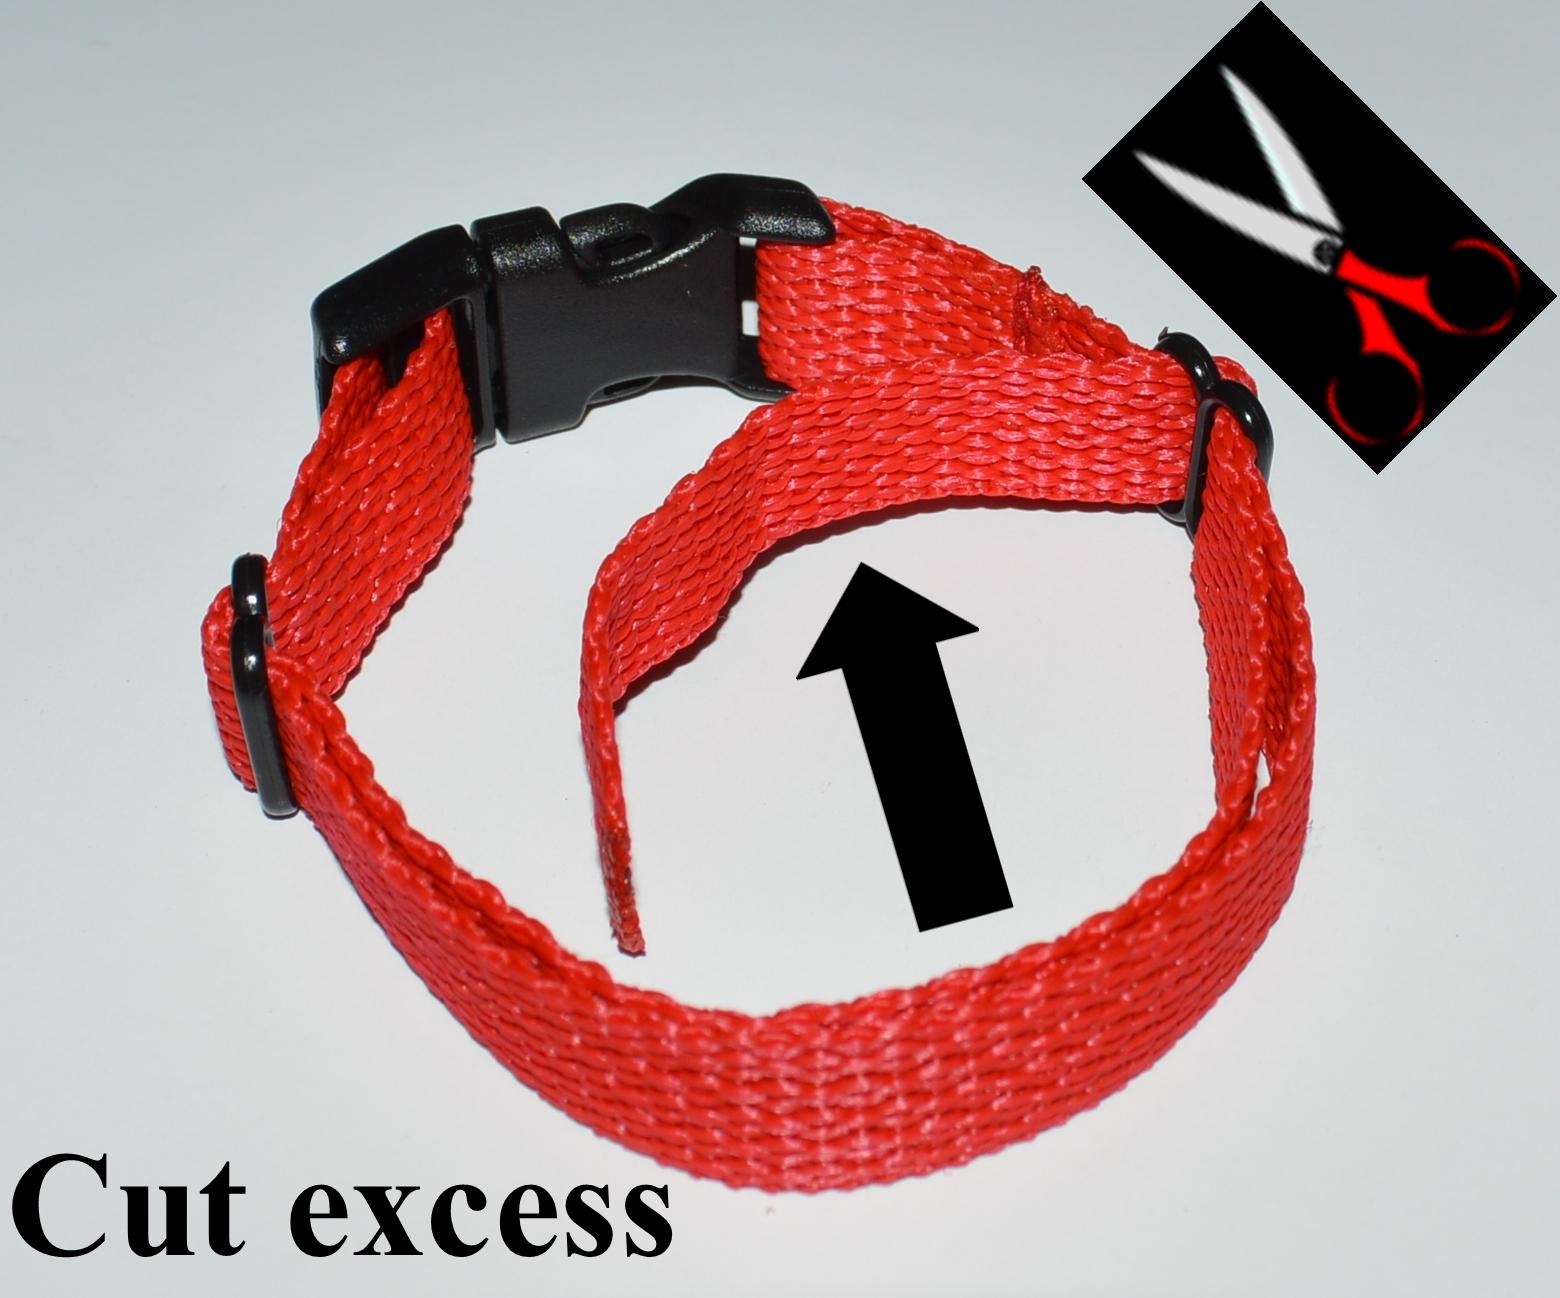 cutexcess.jpg